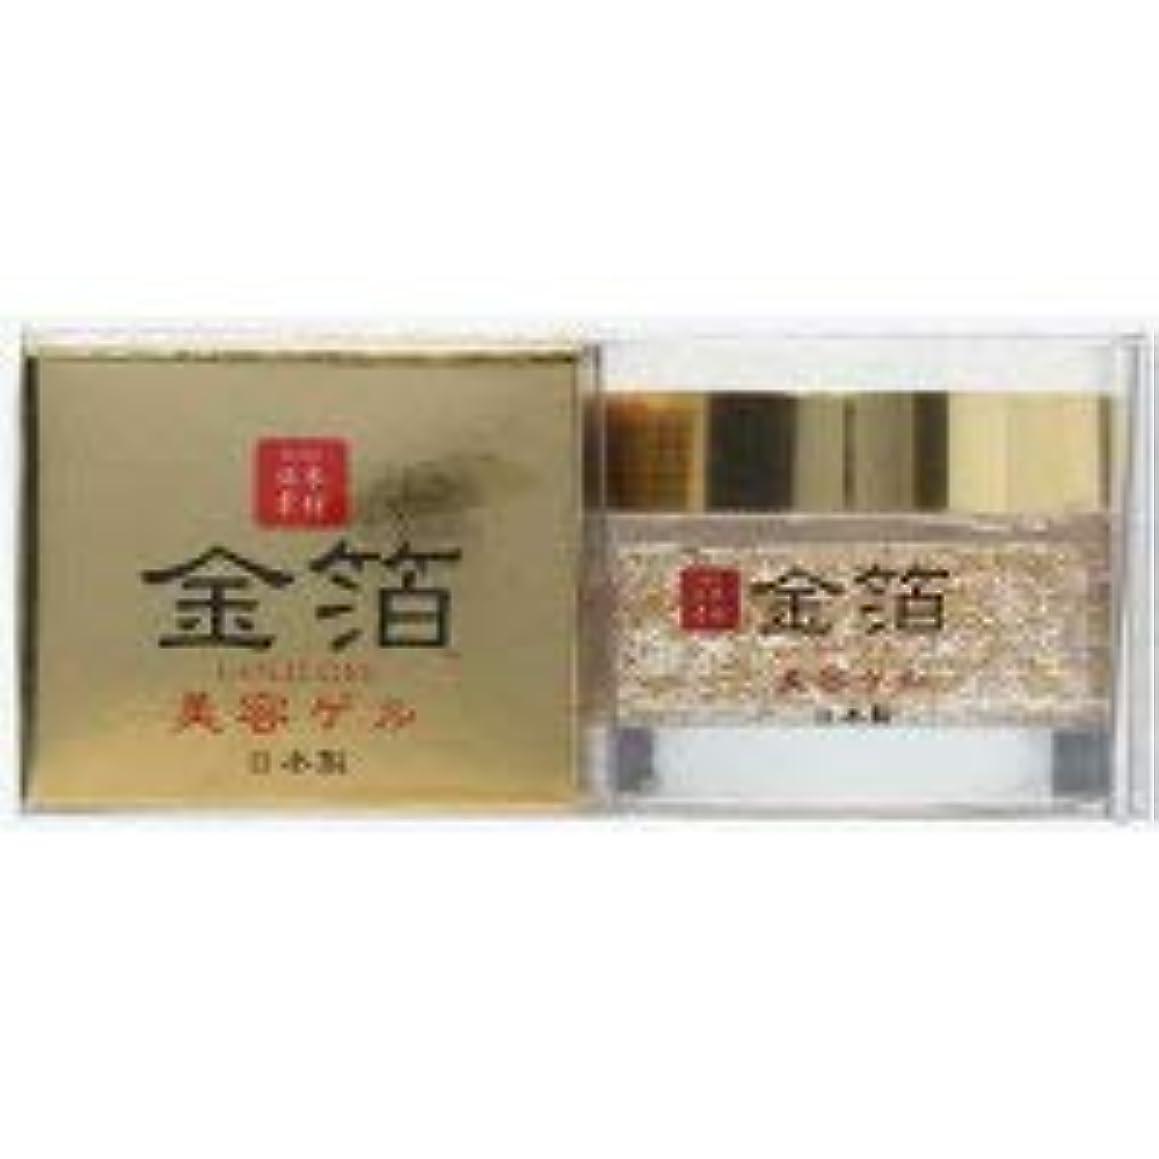 スキップ気怠いコールド日本製 金箔入りゴールドゲル MYM 50g【ヒアルロン酸】【コラーゲン】[株式会社MYM]